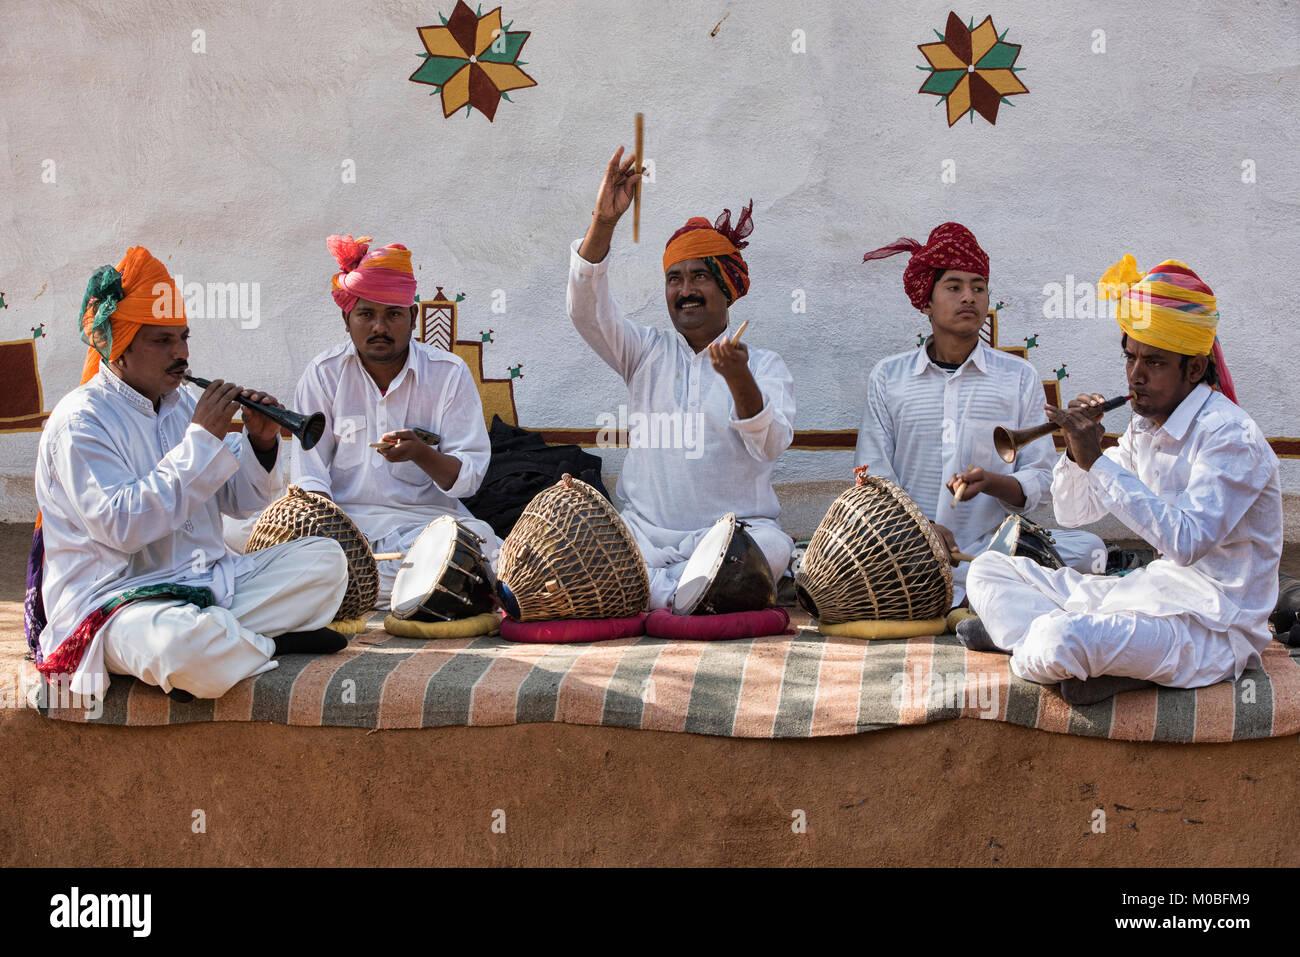 Rajasthani musicisti folk, Udaipur, India Immagini Stock